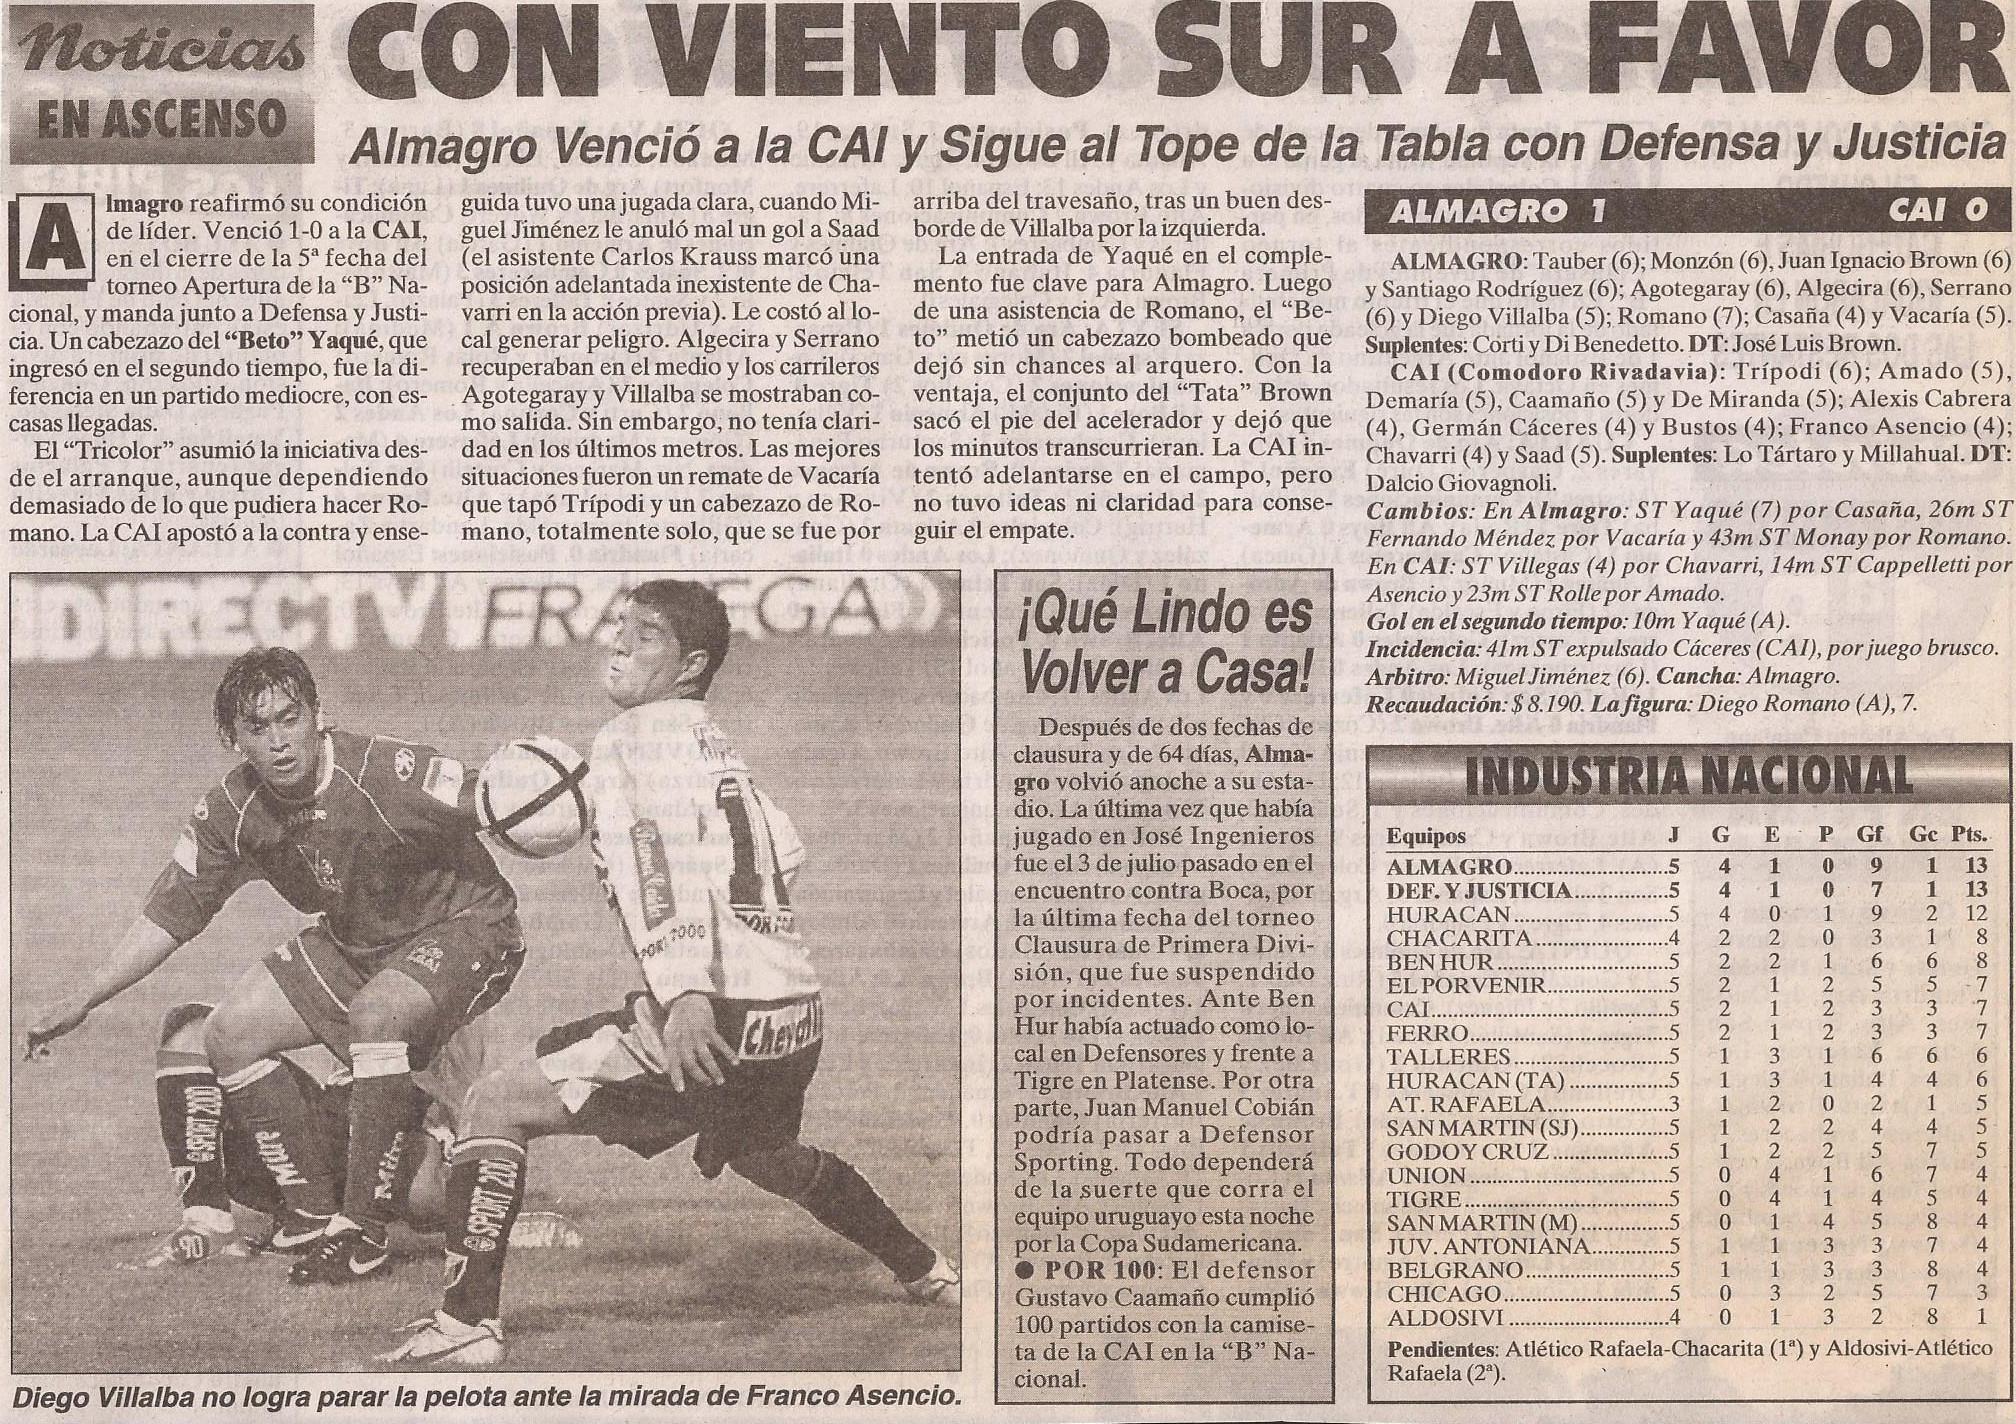 2005-06 Nacional B - Almagro vs Cai - Diario Cronica